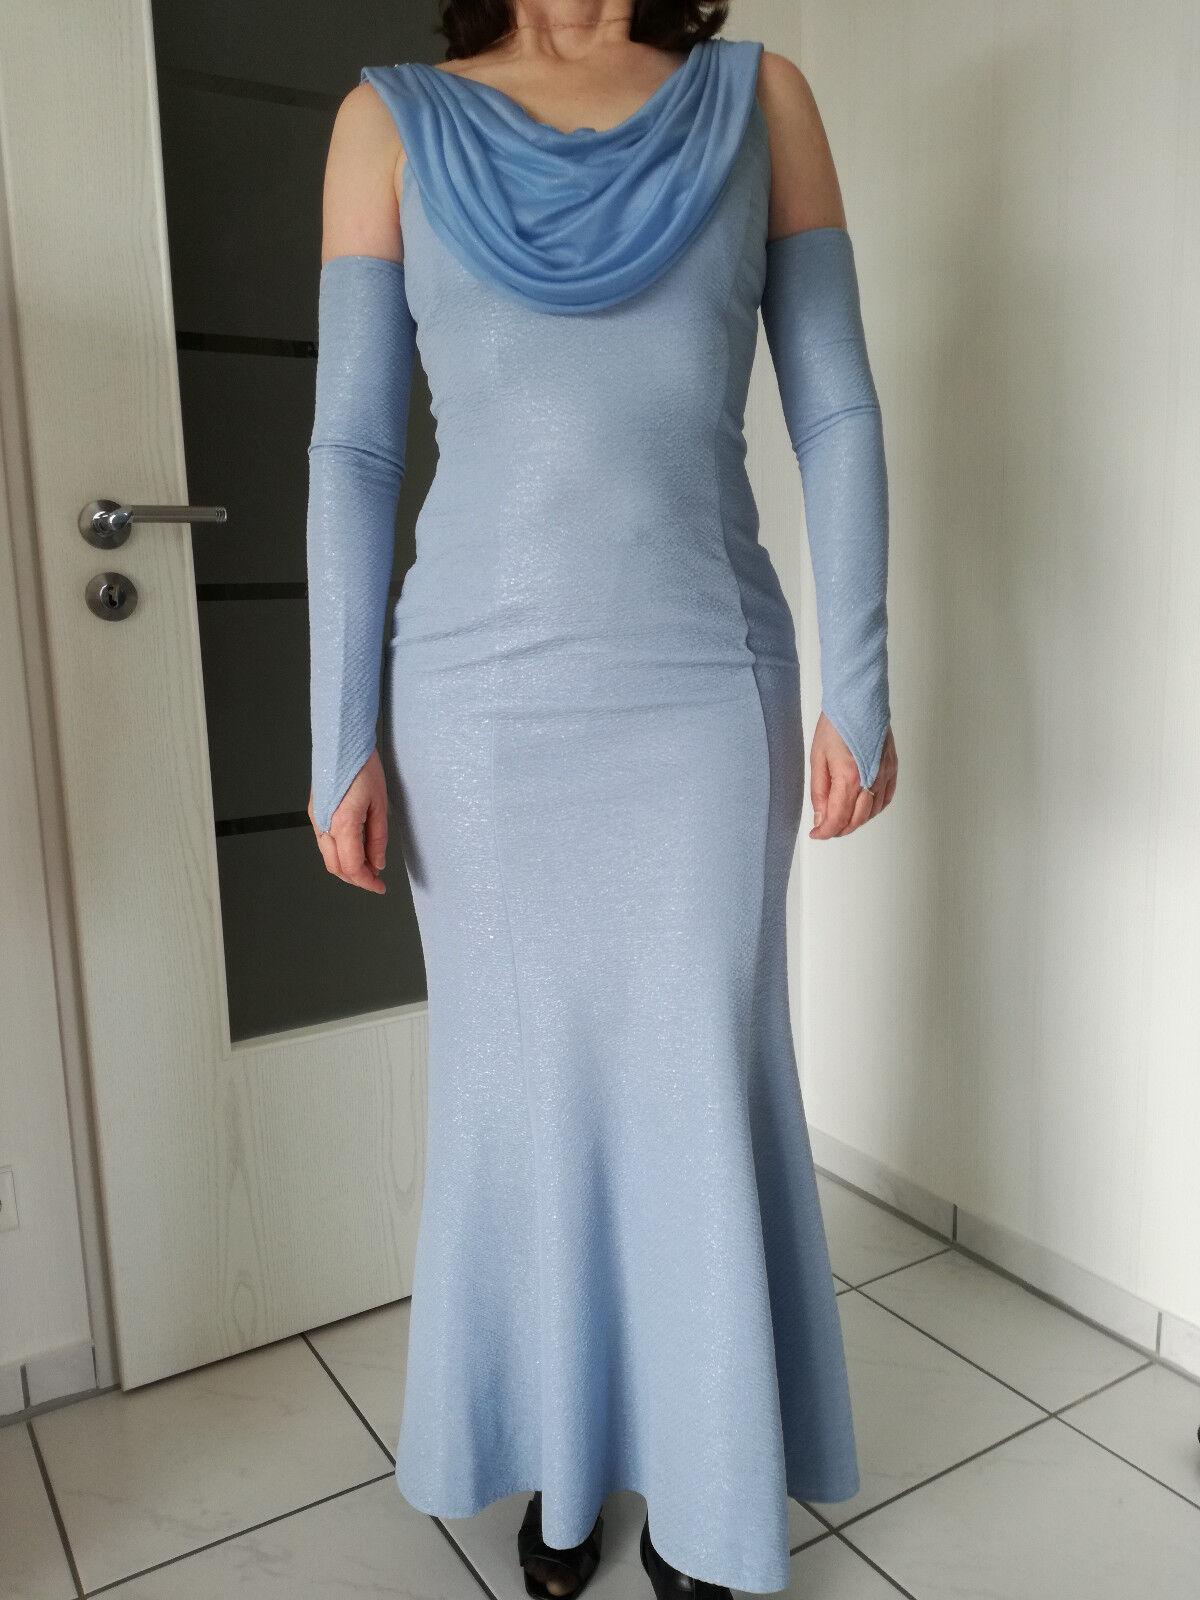 Schönes Abendkleid Coctailkleid Abi Kleid Gr. 36 Blau TOP Zuste Glitzerkleid